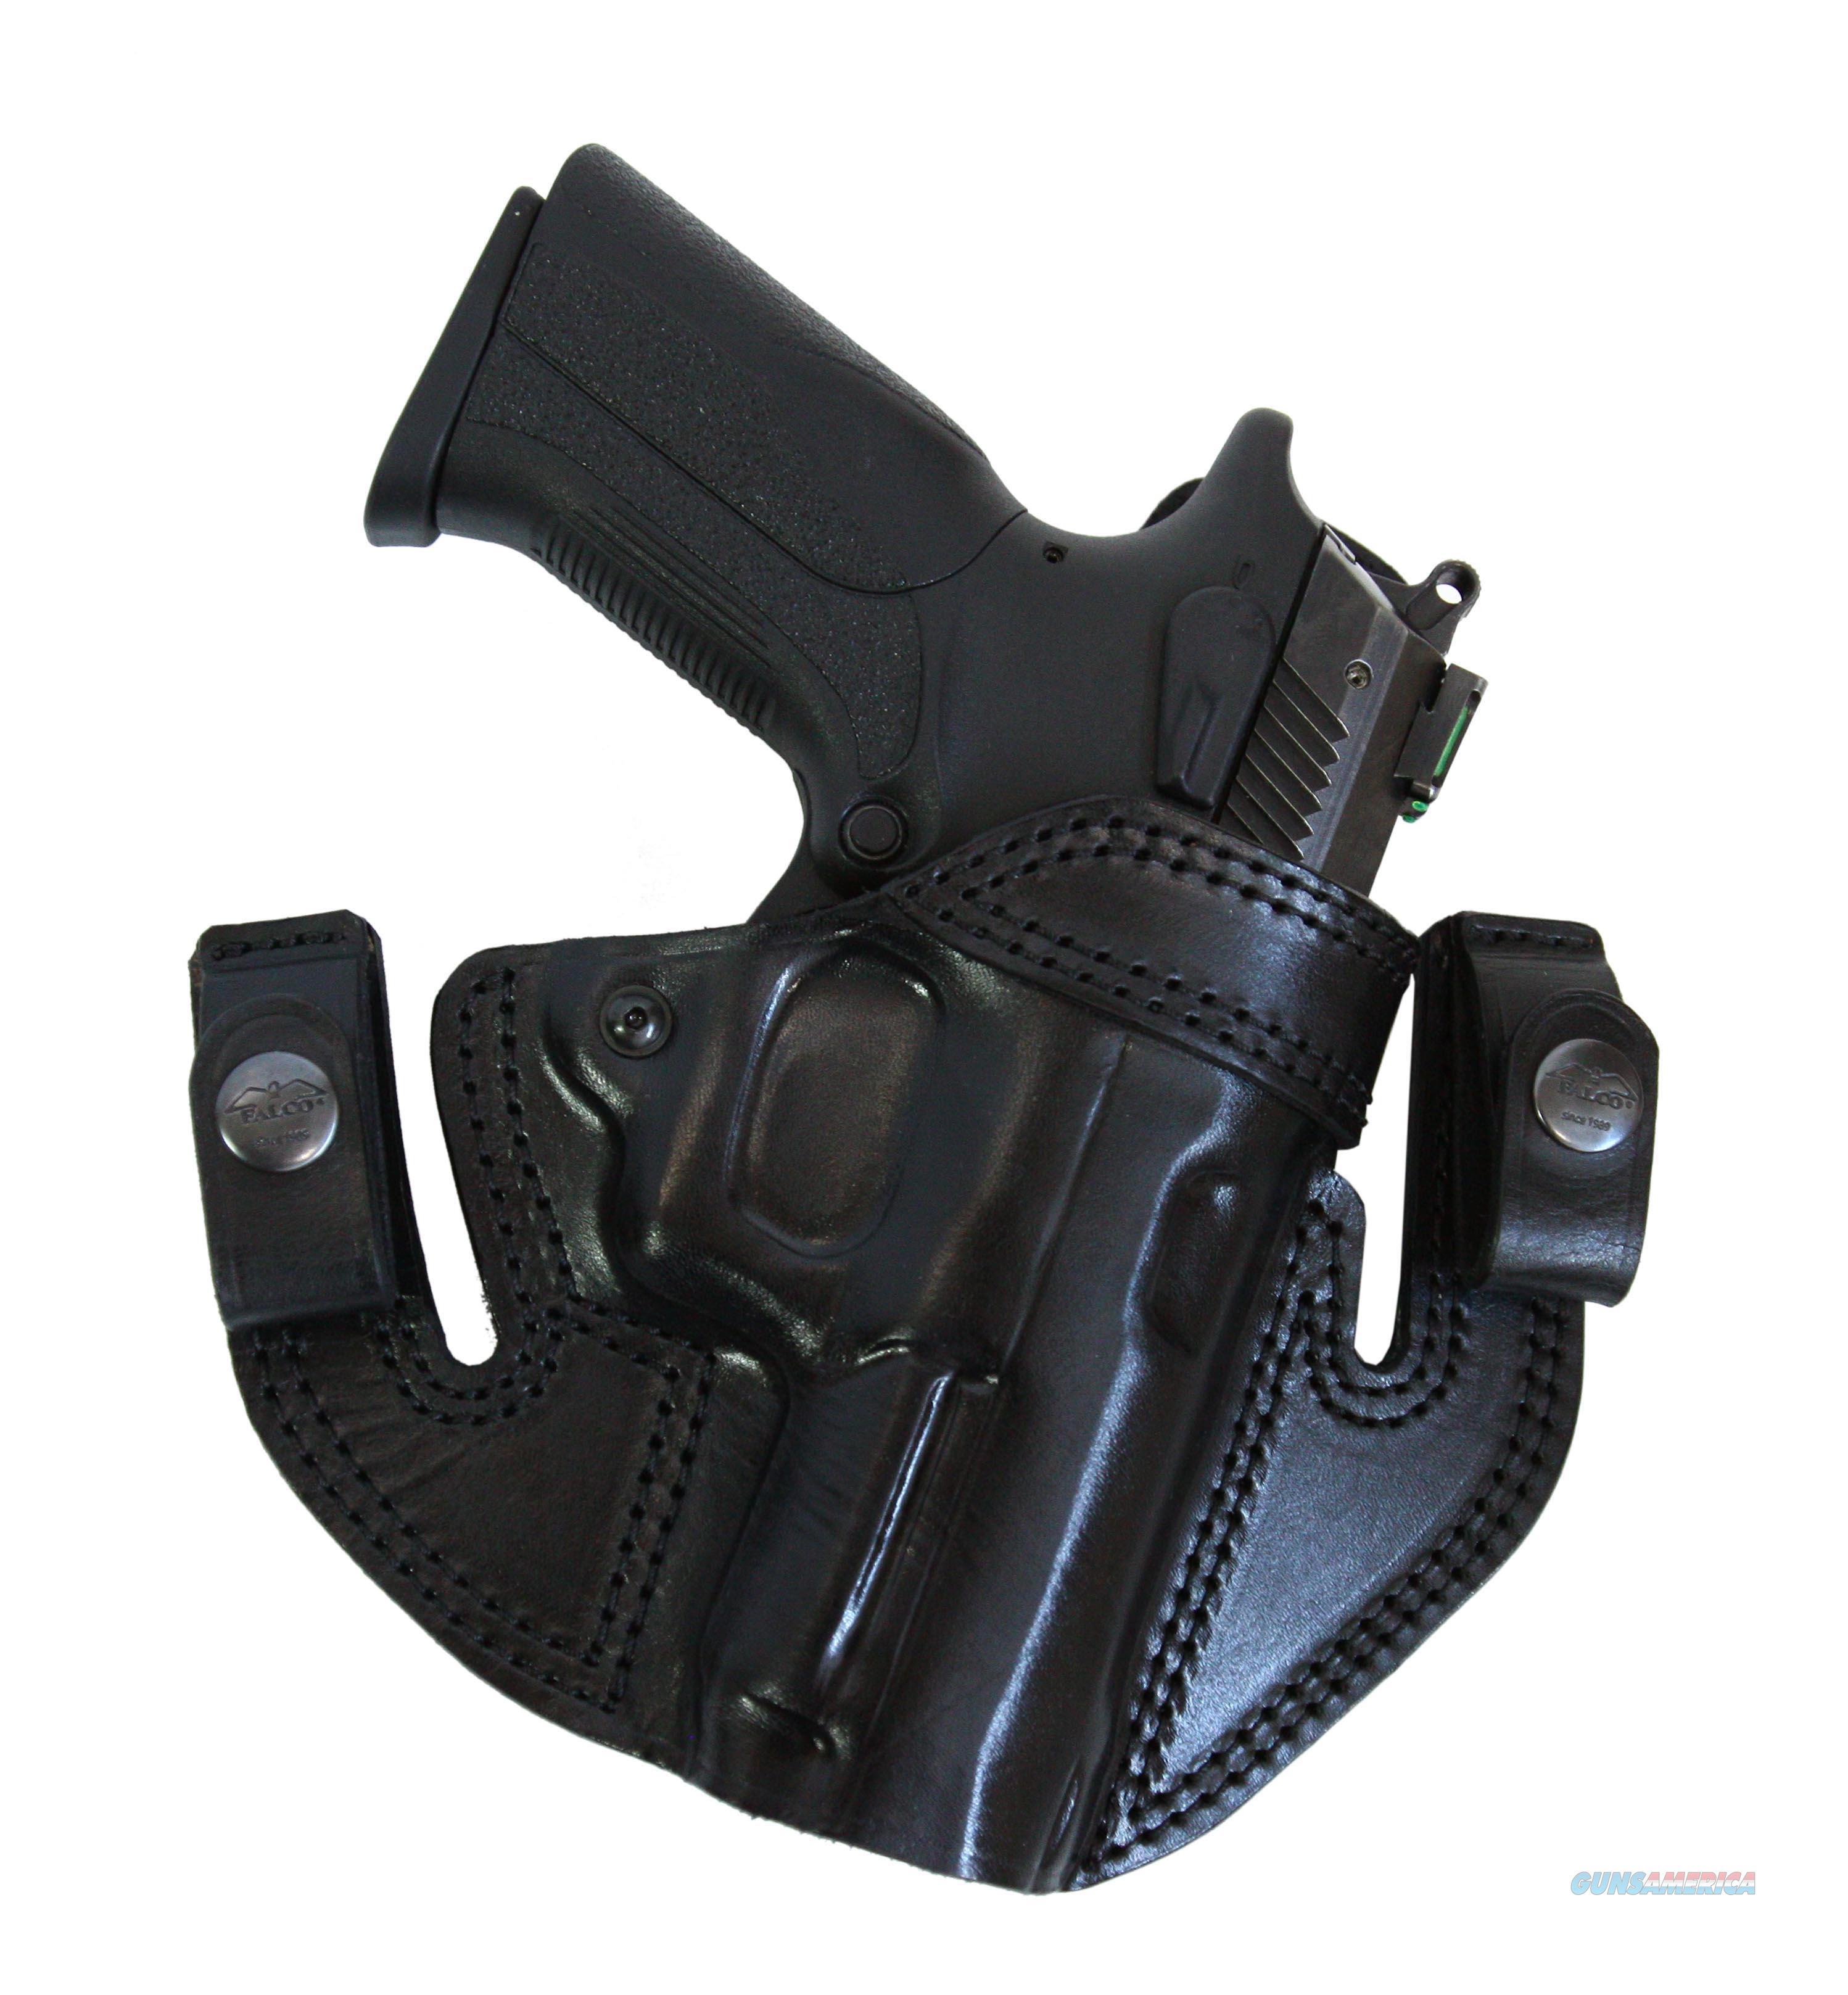 IWB / OWB Leather Gun Holster \